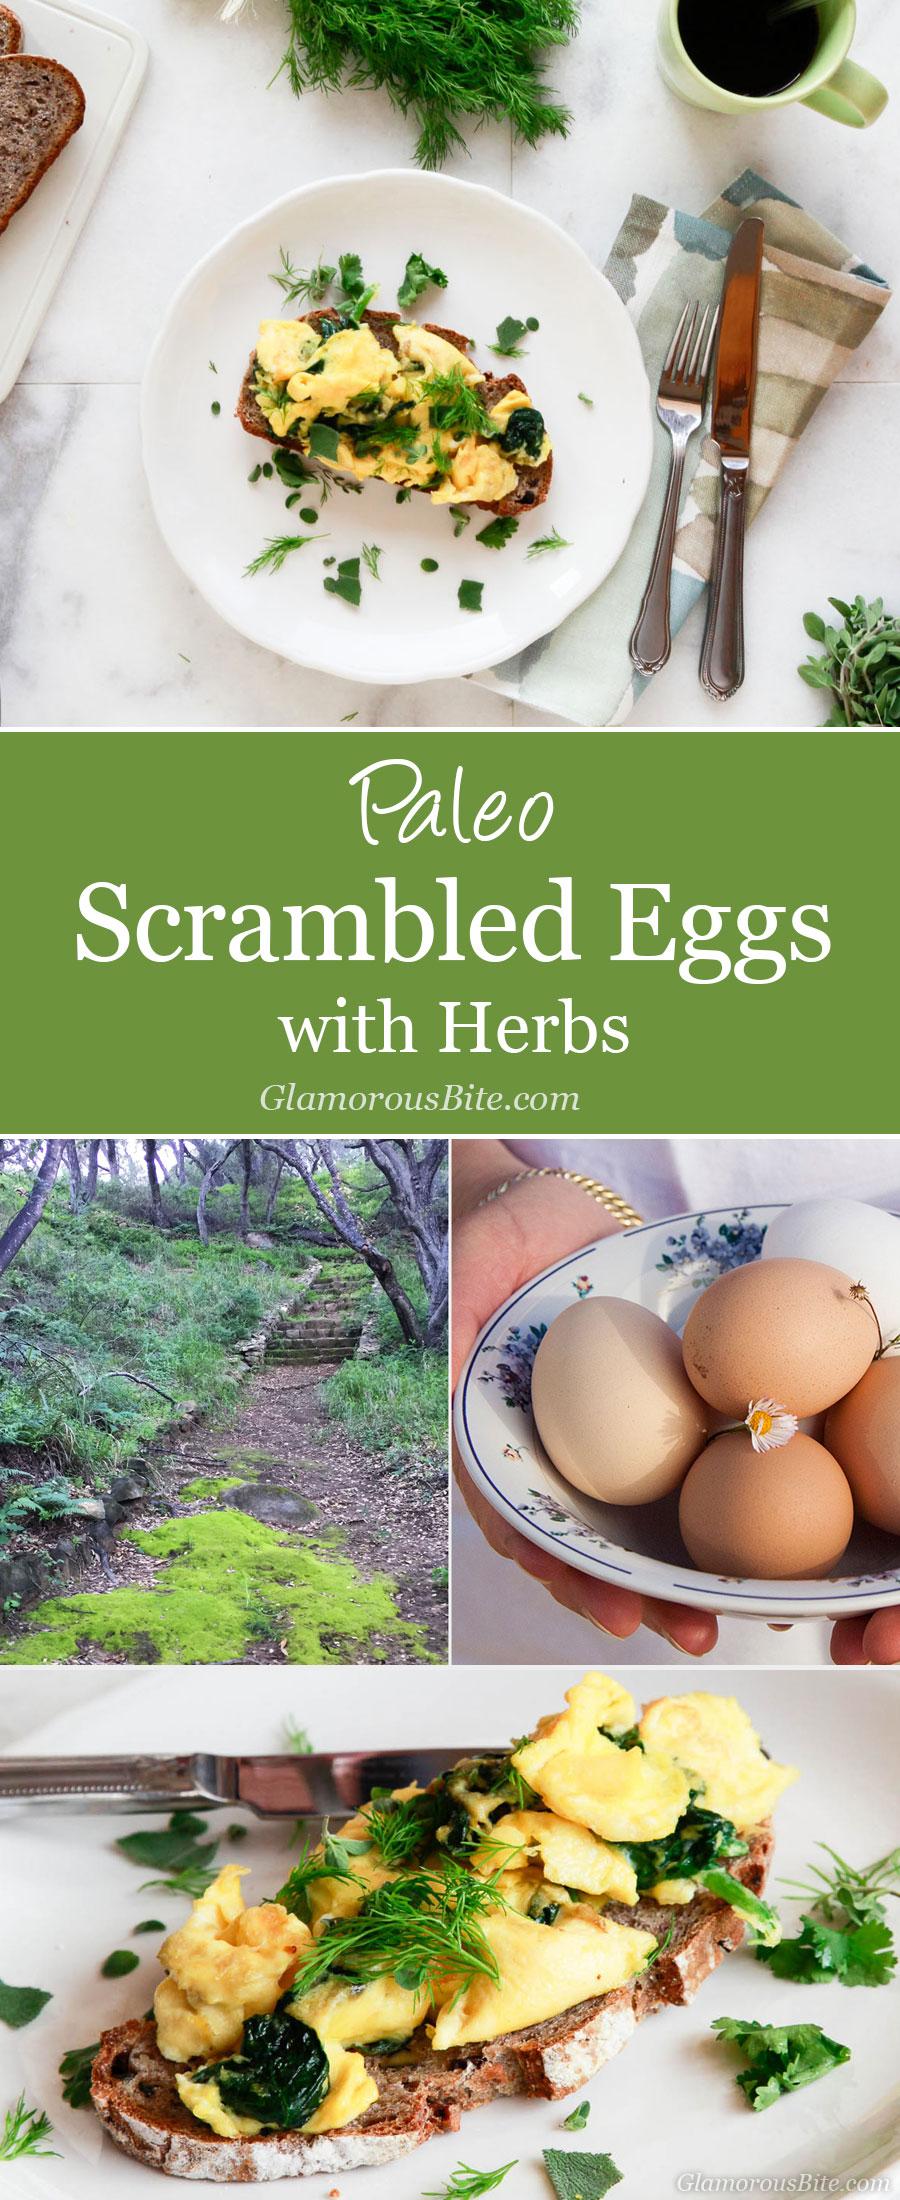 Paleo Scrambled Eggs Glamorous Bite